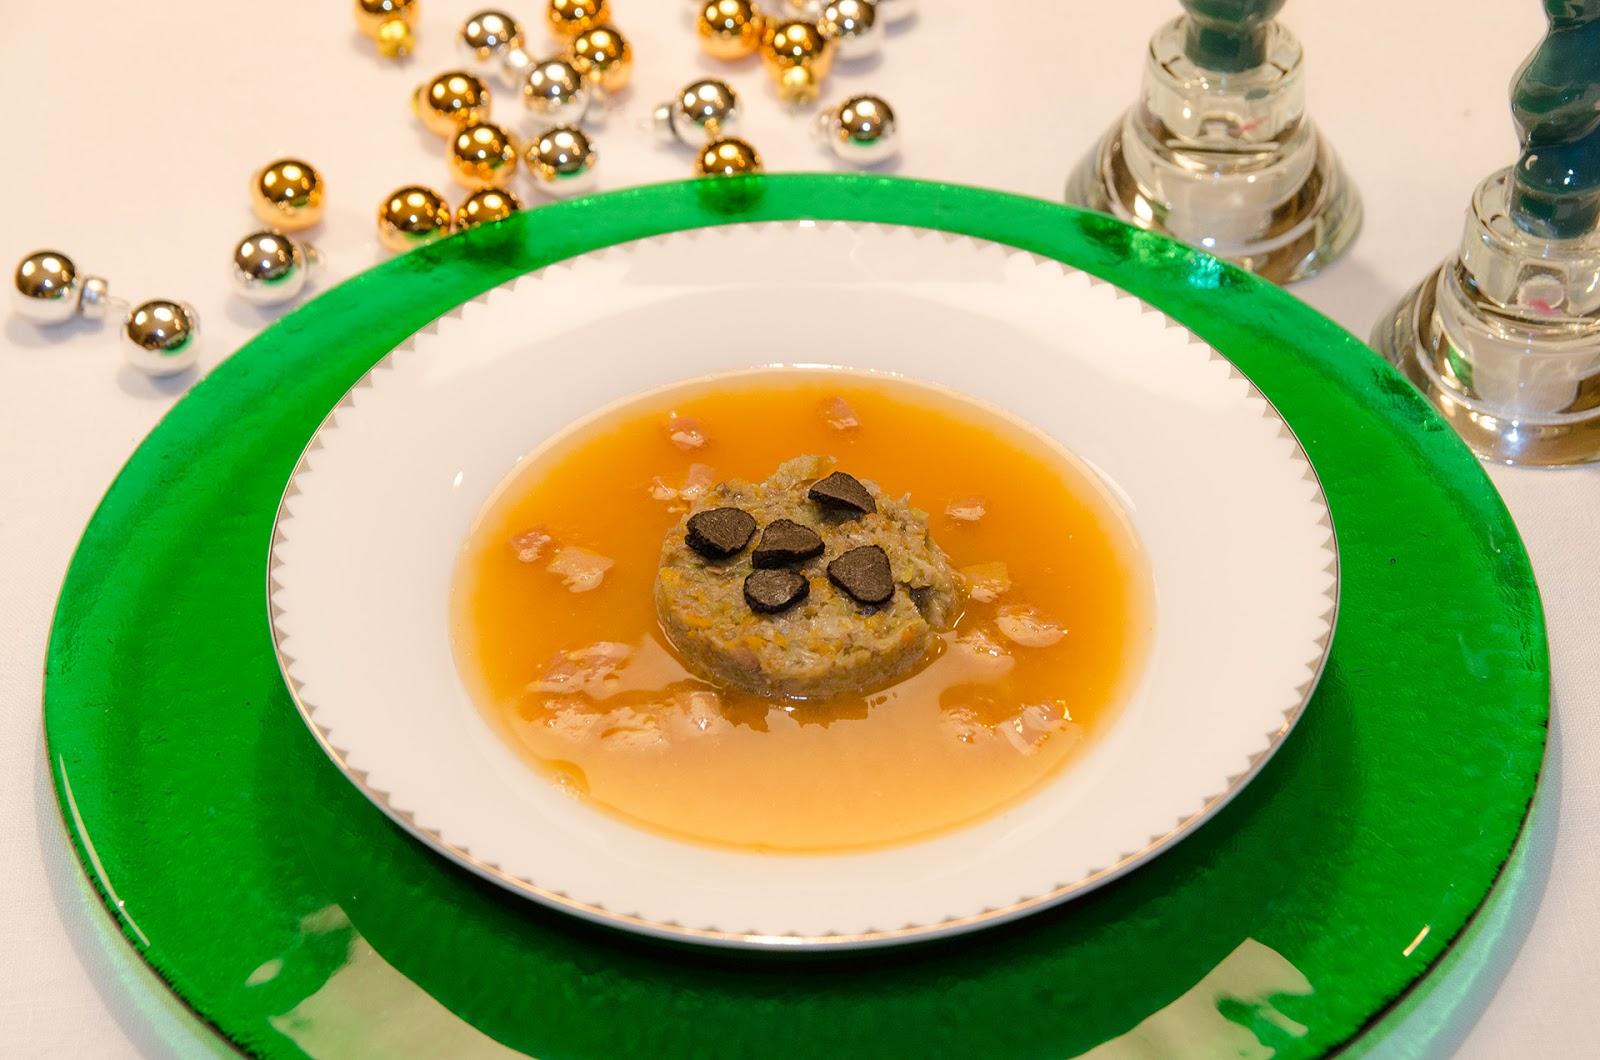 consome-sopa-verduras-trufa-foie-micuit-recetas-cocina-faciles-ligeras-sanas-saludables-adelgazar-bruja